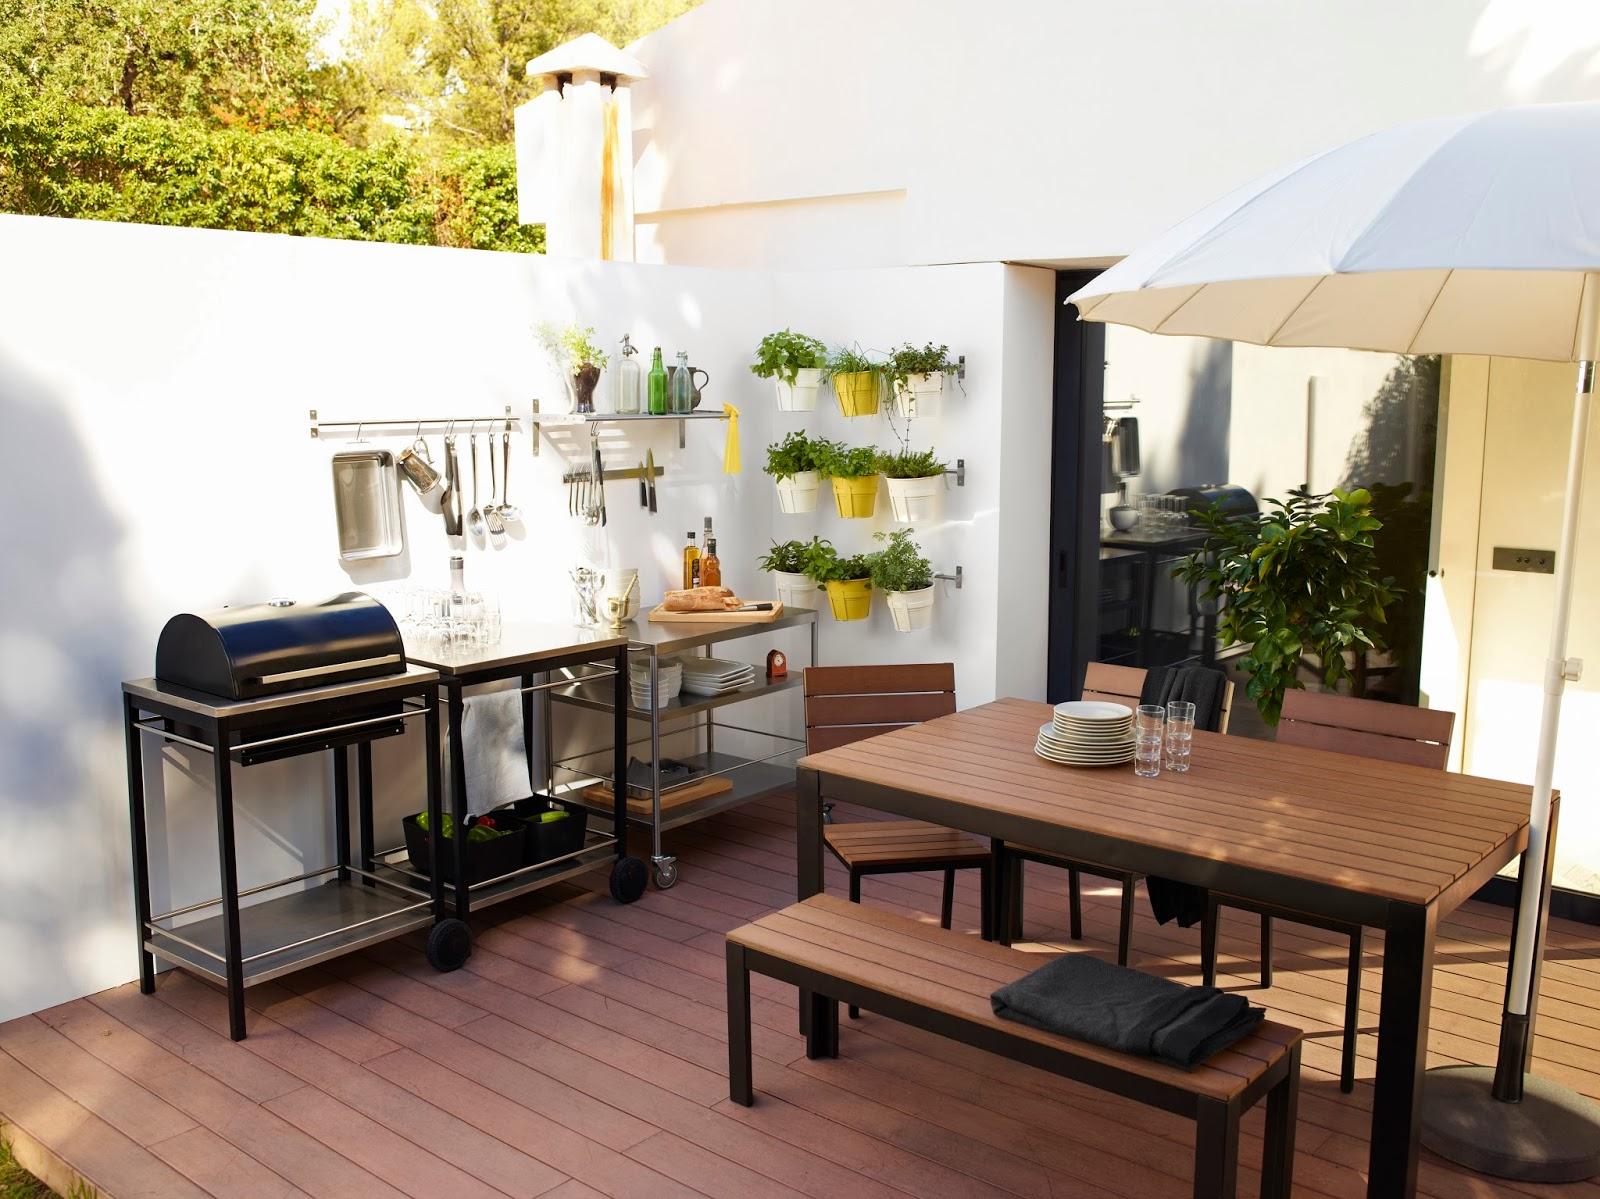 Colecci n primavera 2014 de ikea el bungalow - Ikea terraza y jardin ...